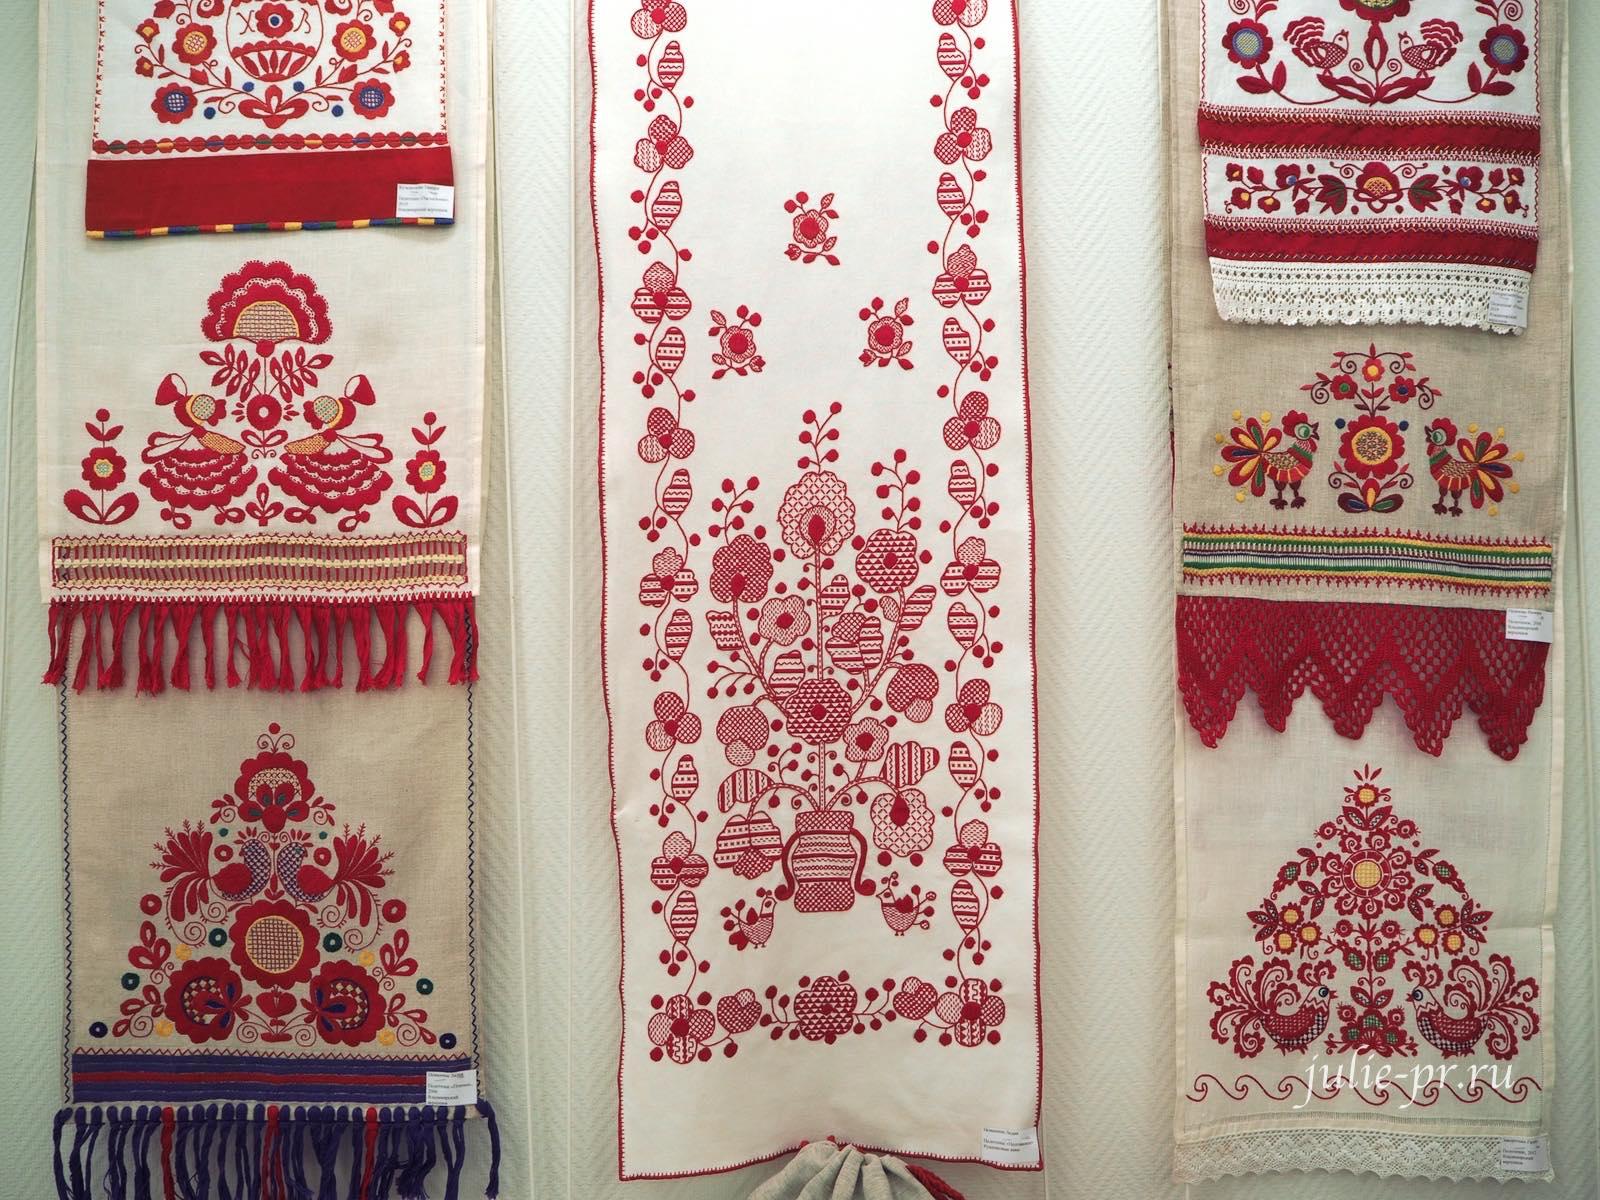 Владимирский верхошов, полотенца, вышивка, выставка, Иголочка тонка, да достаёт до сердца, Санкт-Петербург